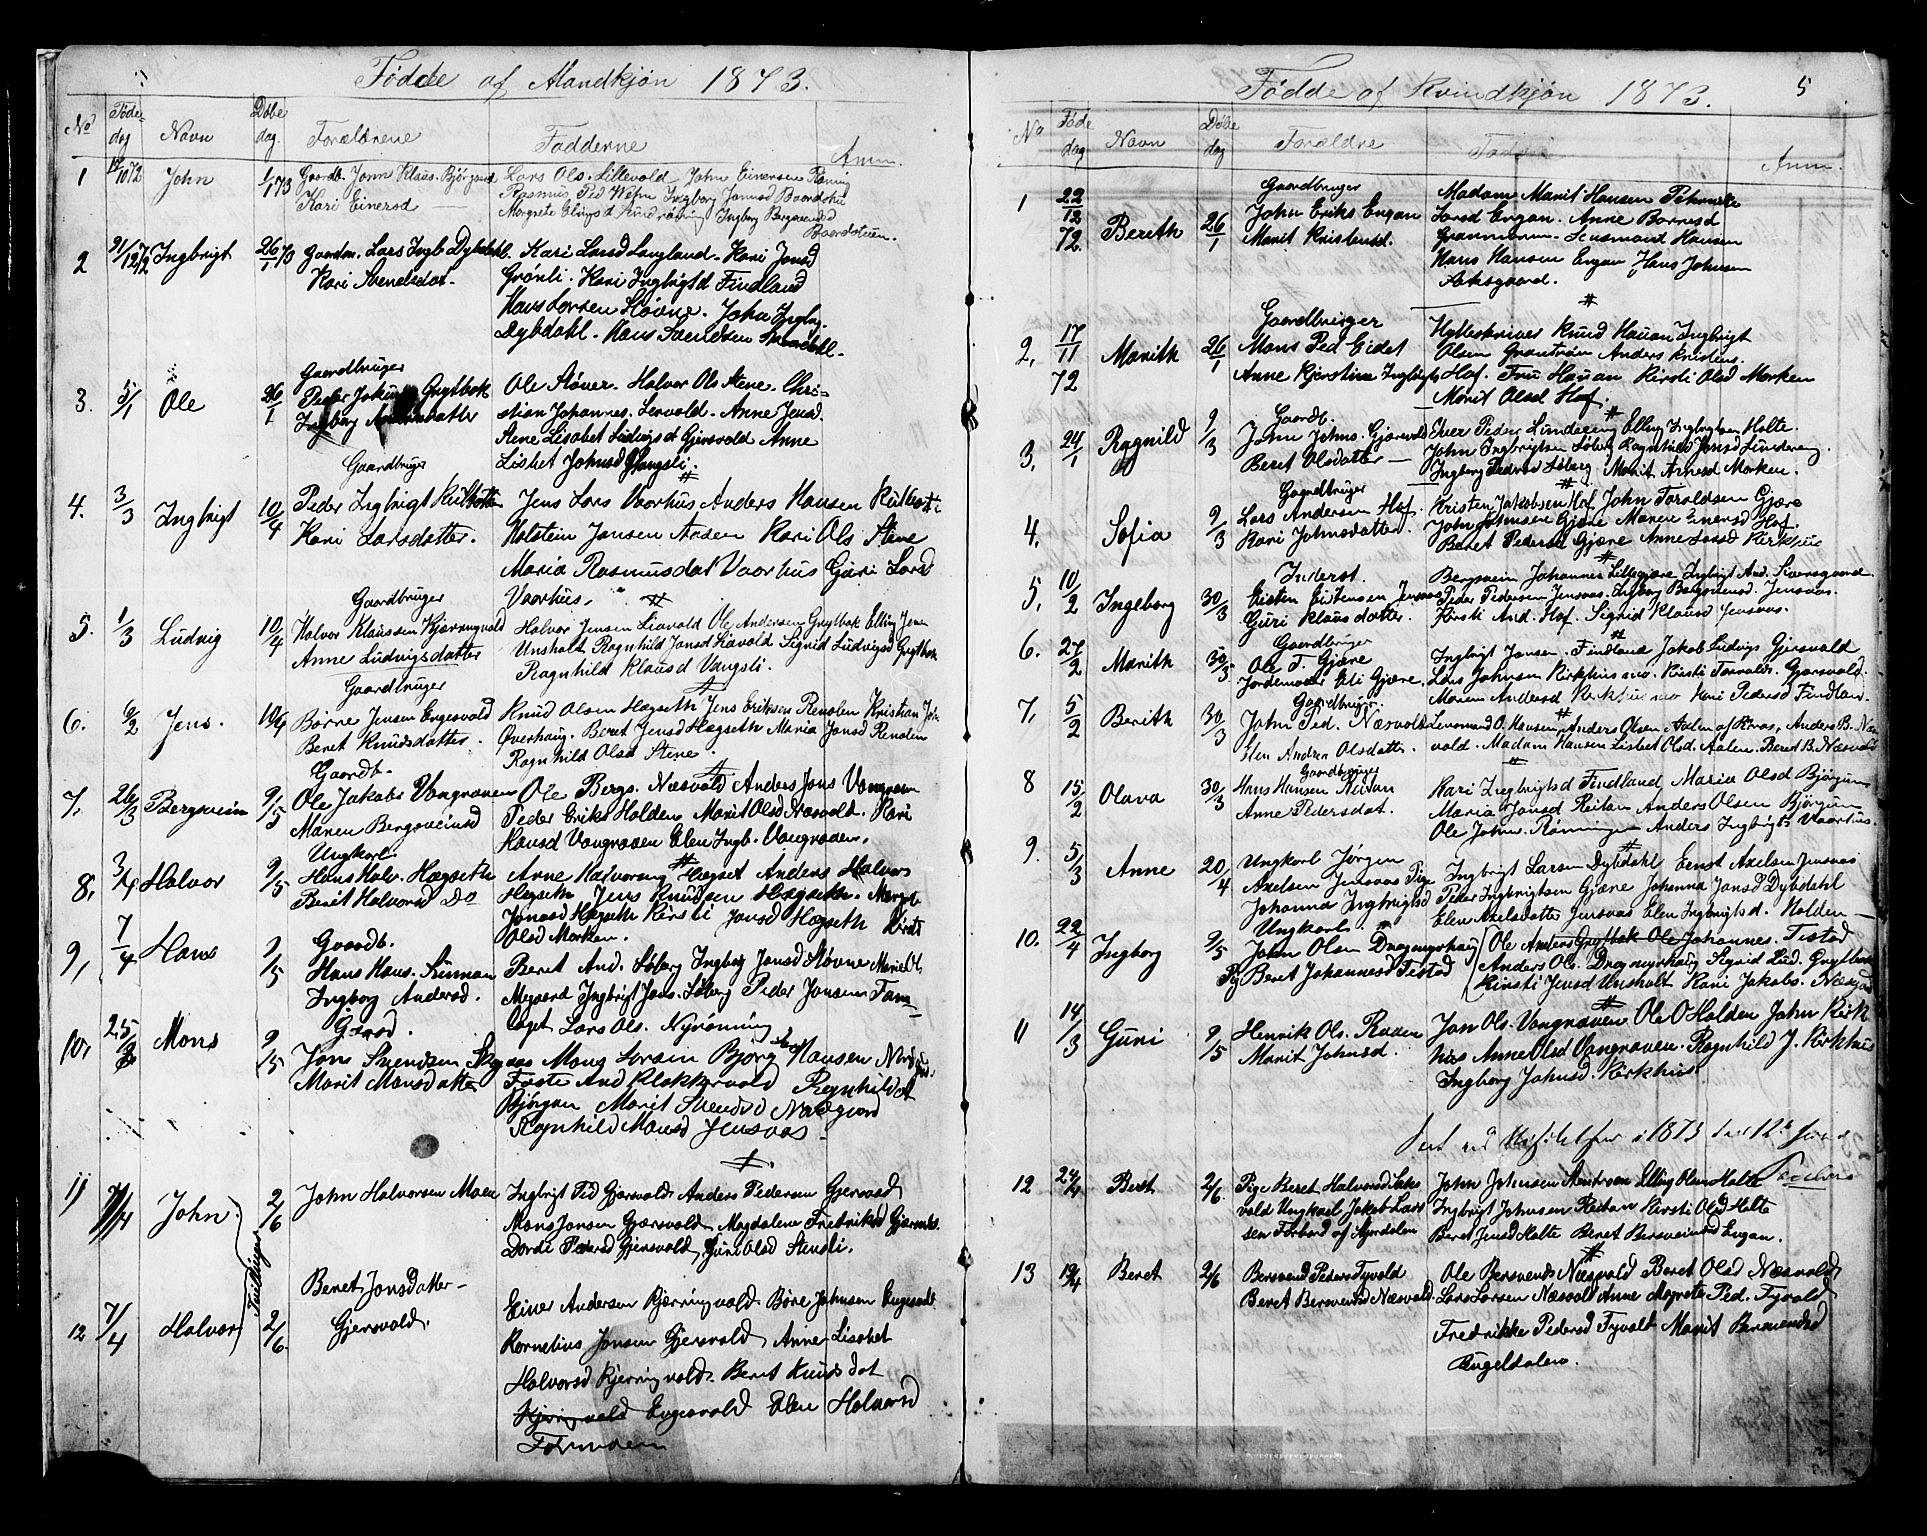 SAT, Ministerialprotokoller, klokkerbøker og fødselsregistre - Sør-Trøndelag, 686/L0985: Klokkerbok nr. 686C01, 1871-1933, s. 5